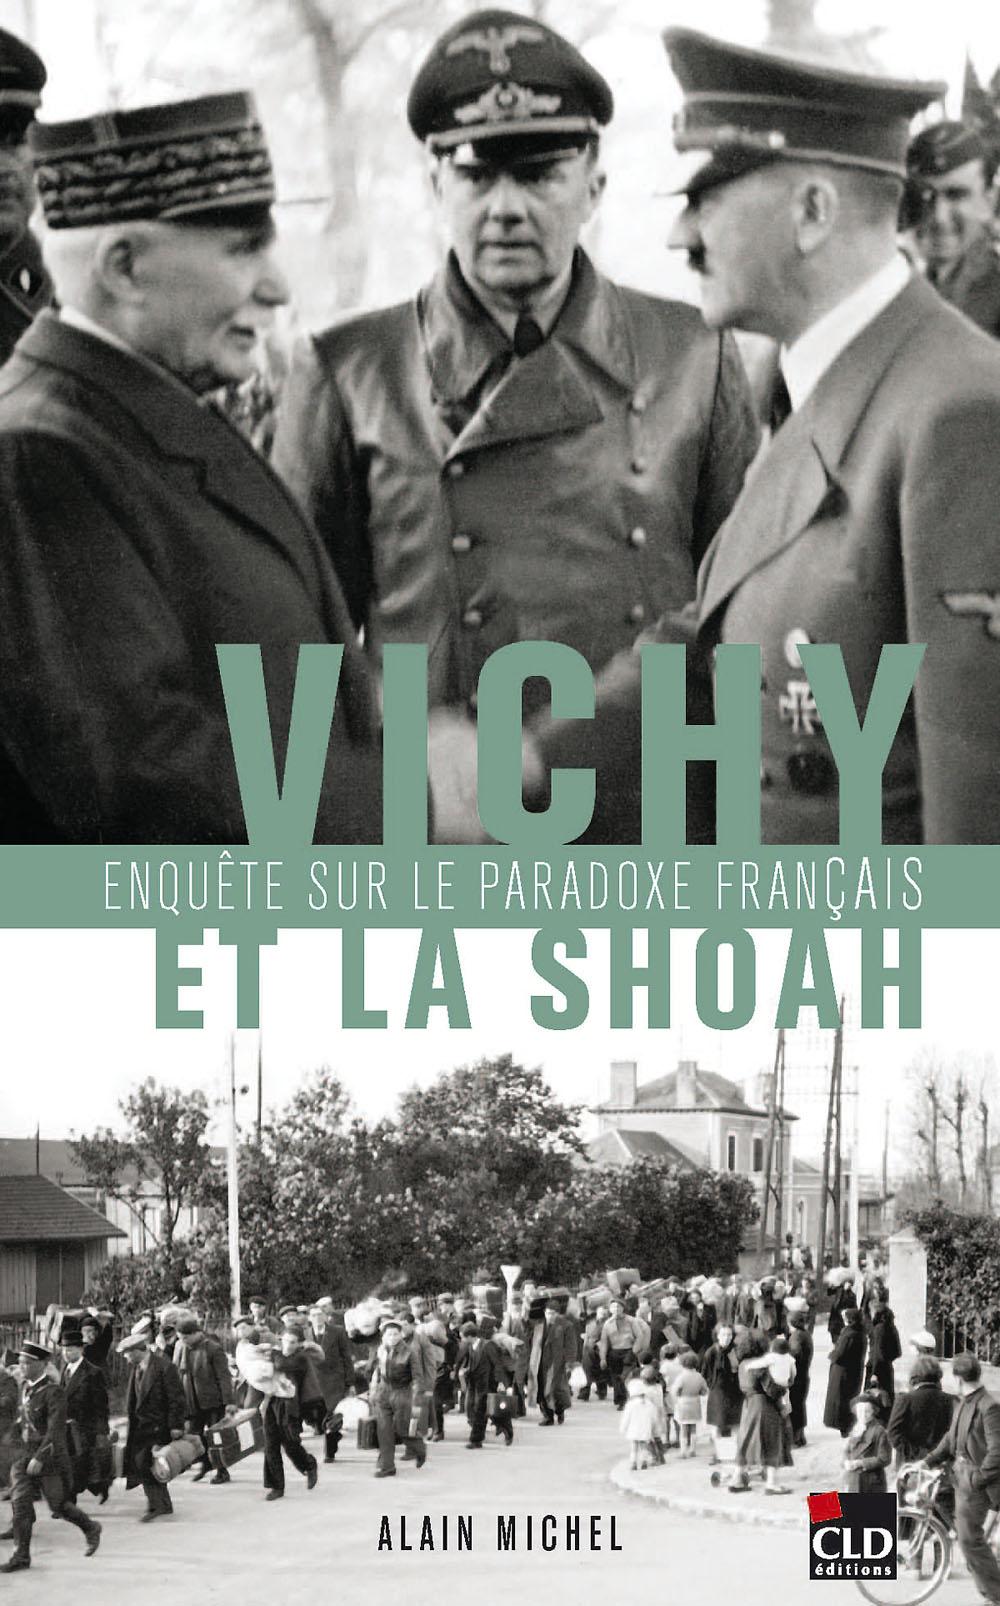 https://i1.wp.com/prisons-cherche-midi-mauzac.com/wp-content/uploads/2012/03/vichy-et-la-shoah-le-paradoxe-francais.jpg